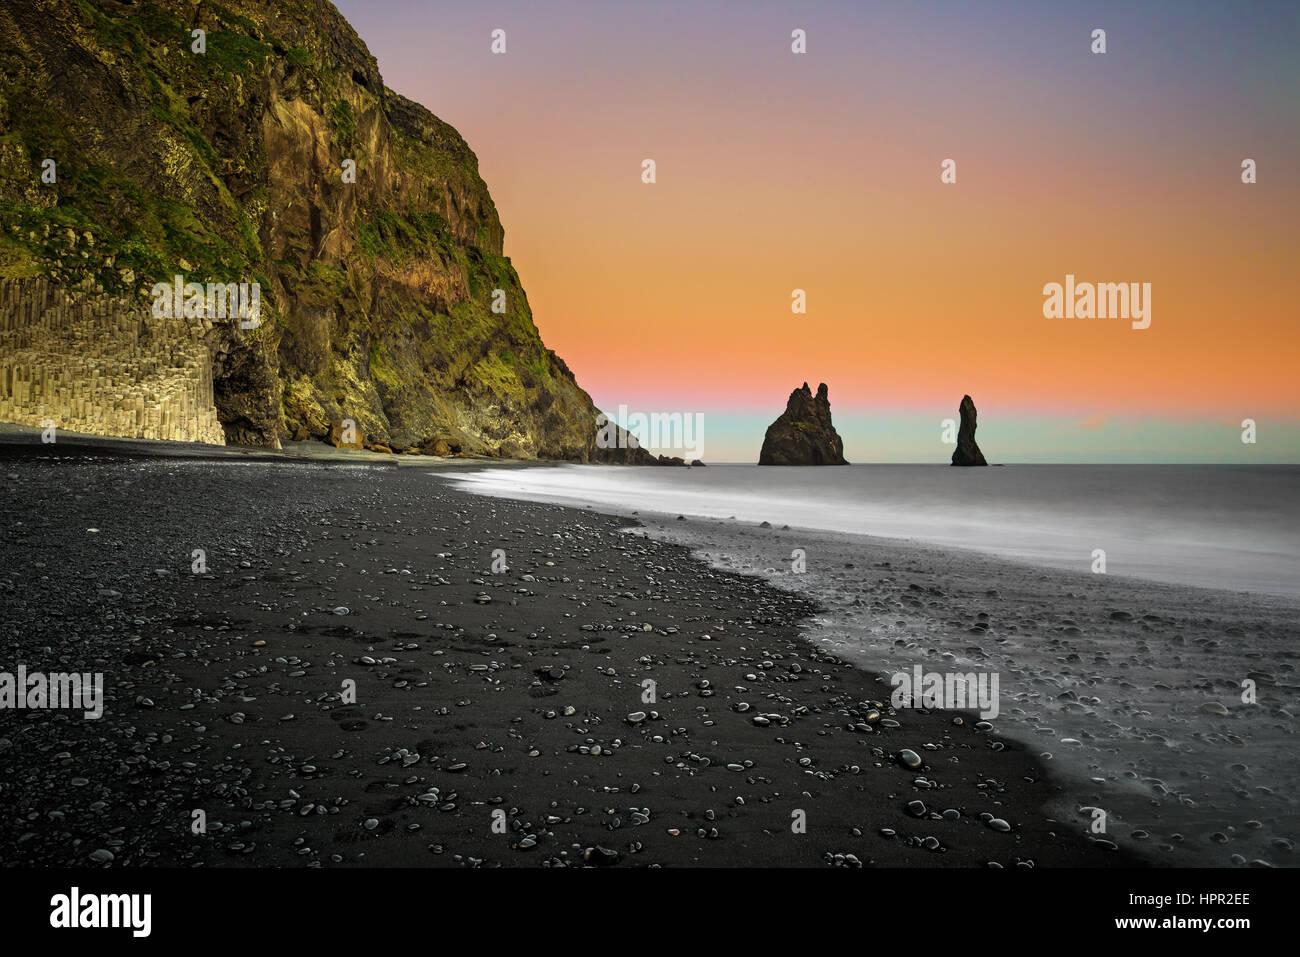 La spiaggia di sabbia nera di Reynisfjara e il monte Reynisfjall vicino al villaggio di Vik nel sud dell'Islanda. Immagini Stock